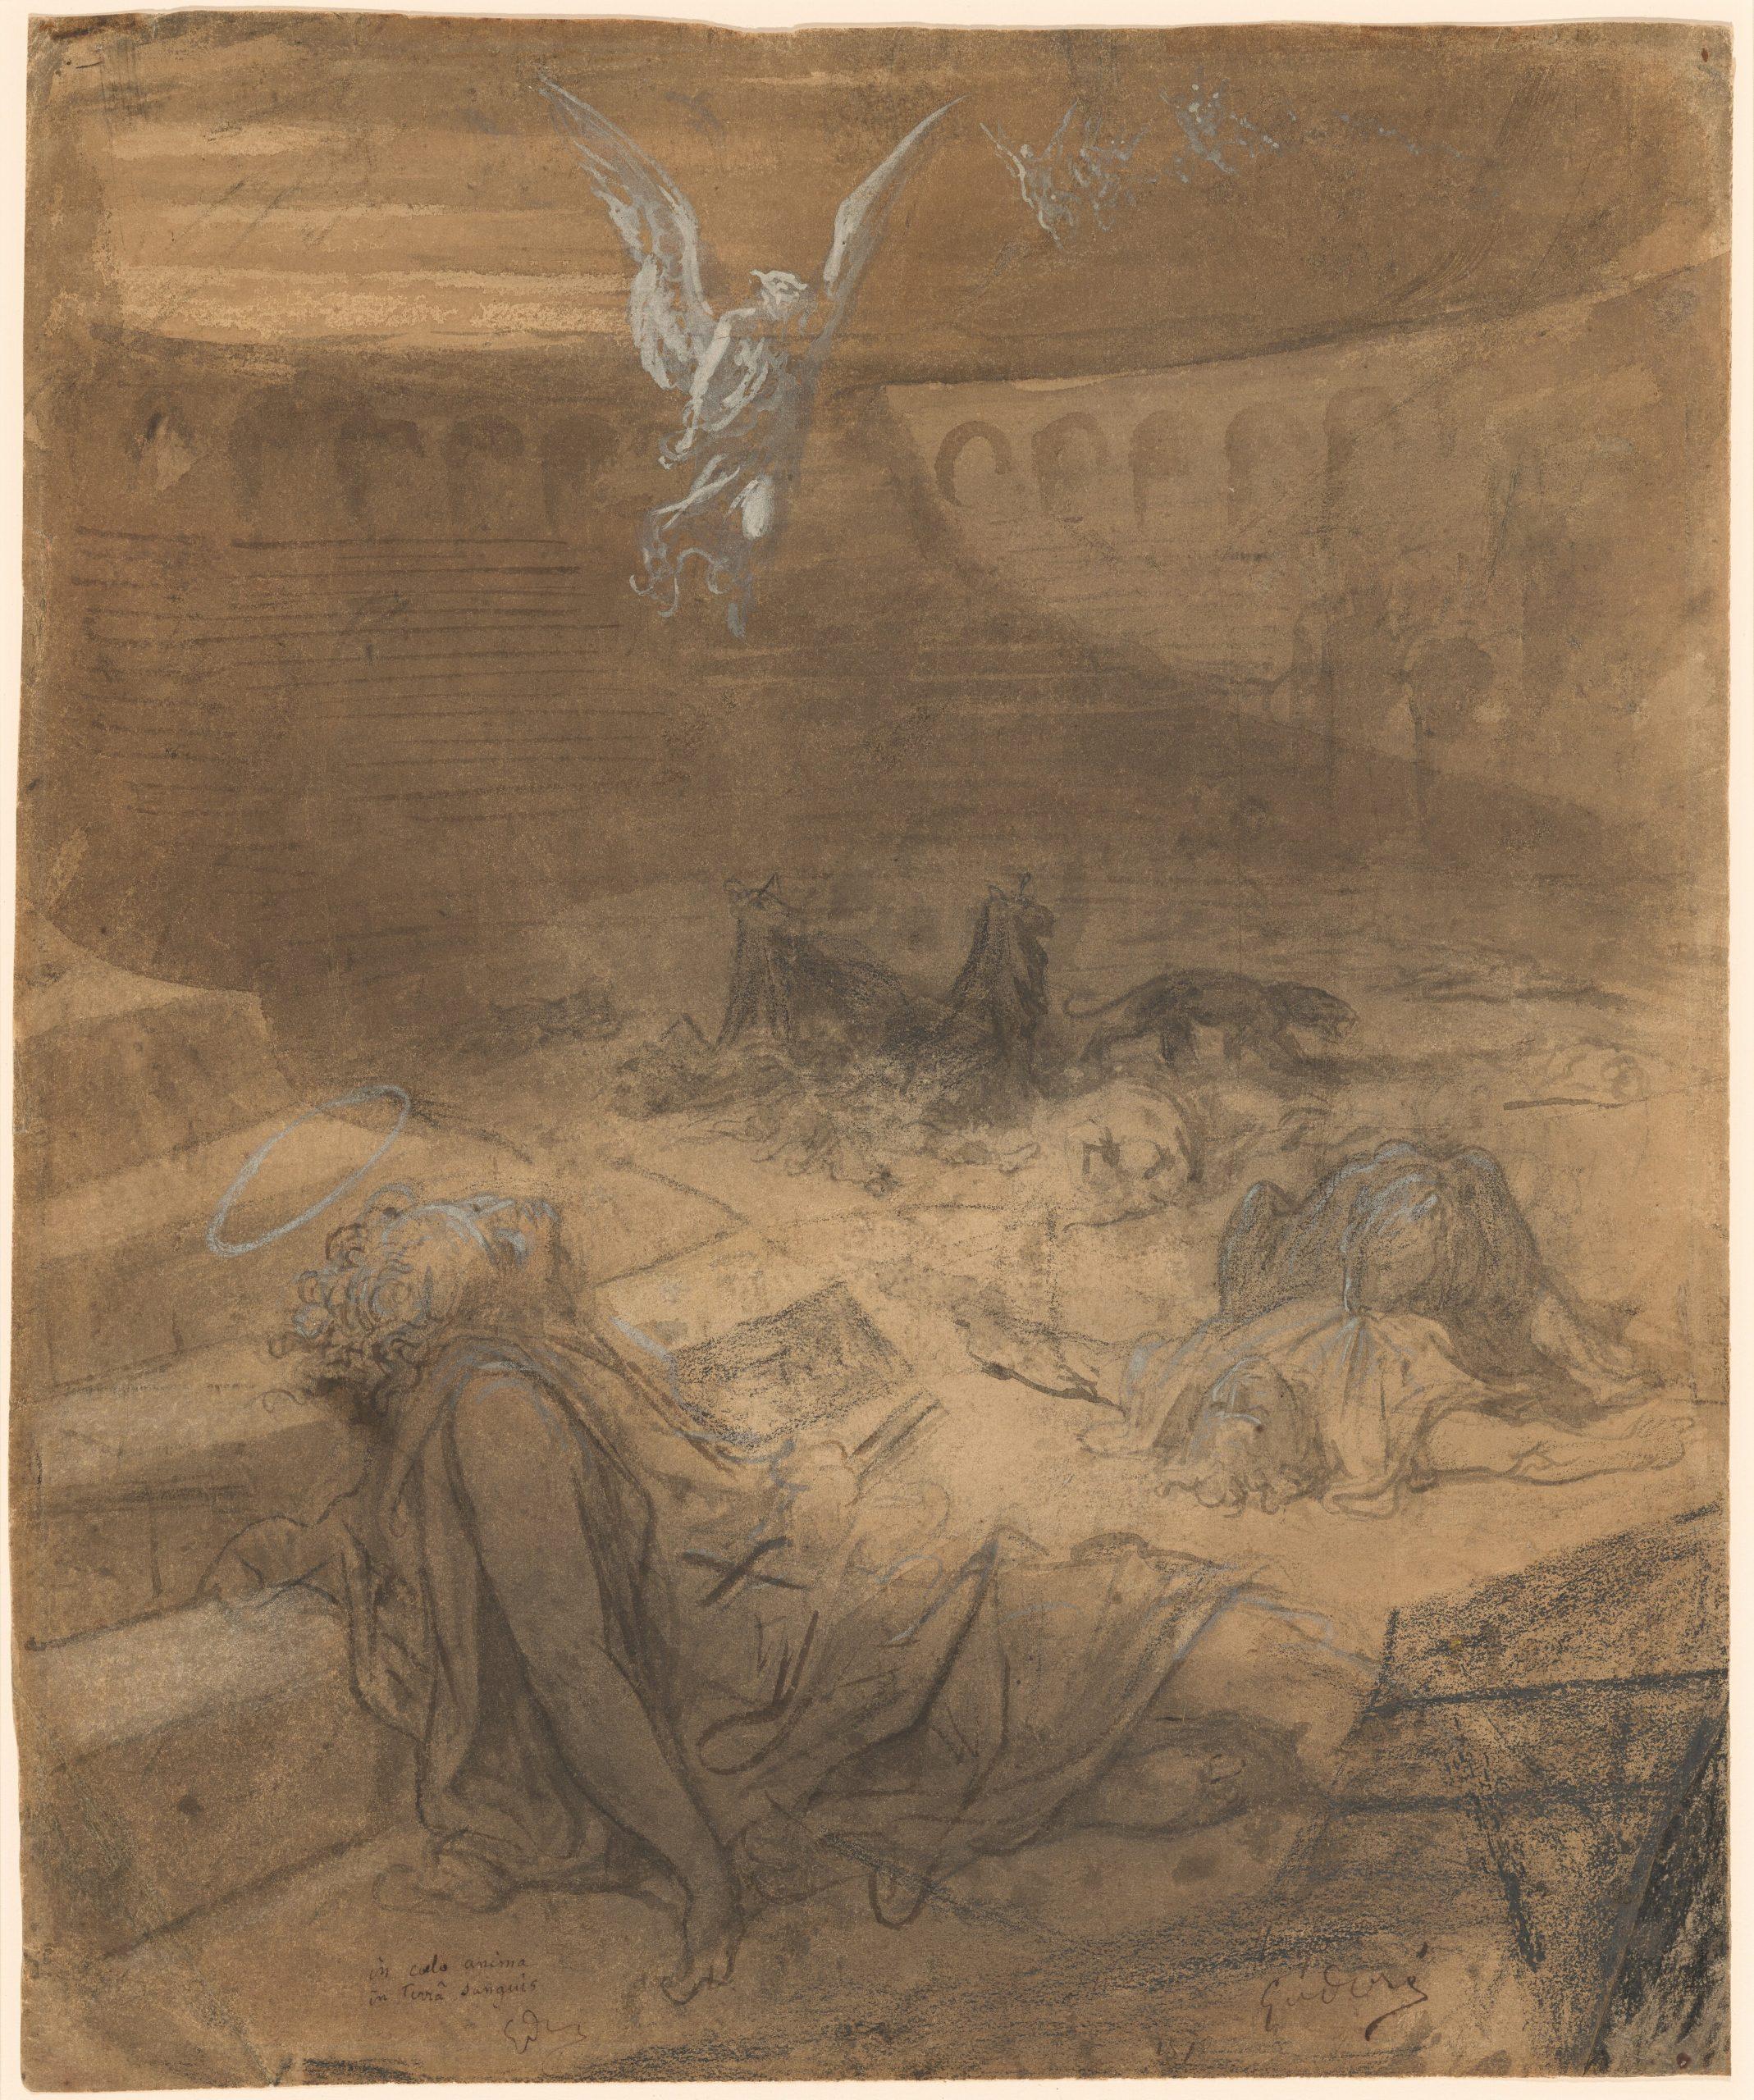 Les Martyrs Chrétiens, Gustave Doré